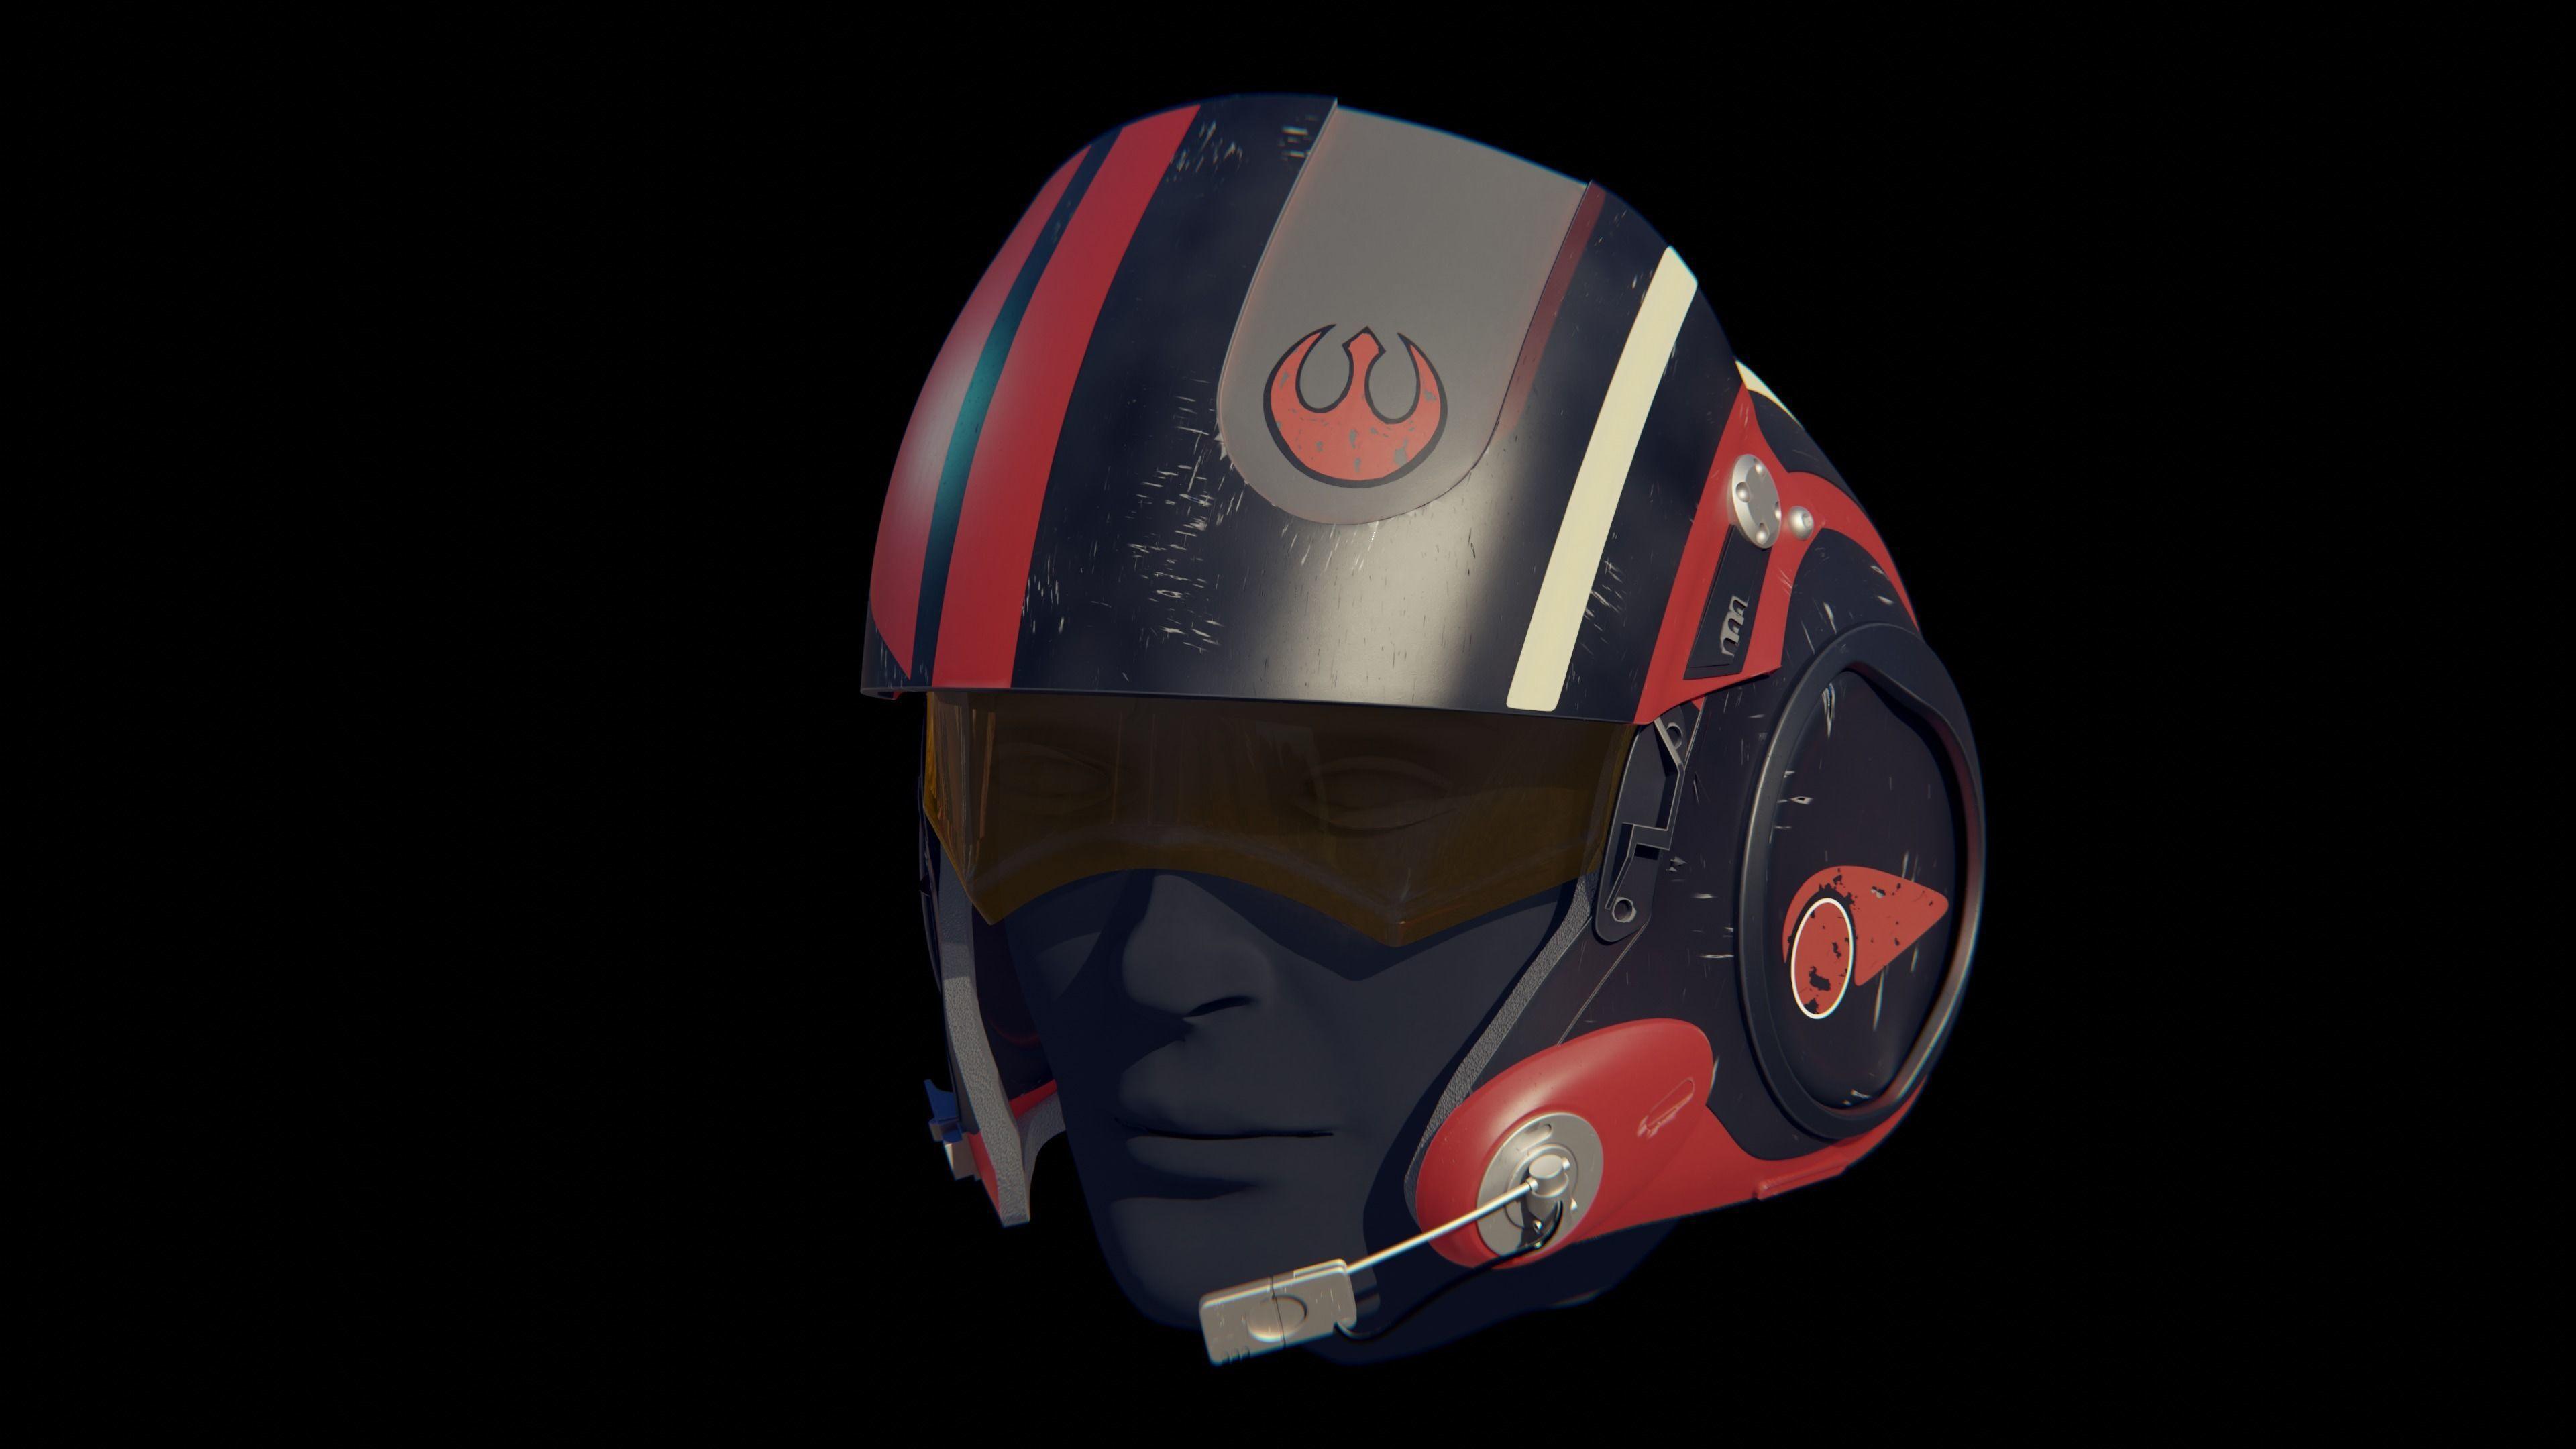 X-Wing pilot helmet Poe Dameron from Star Wars